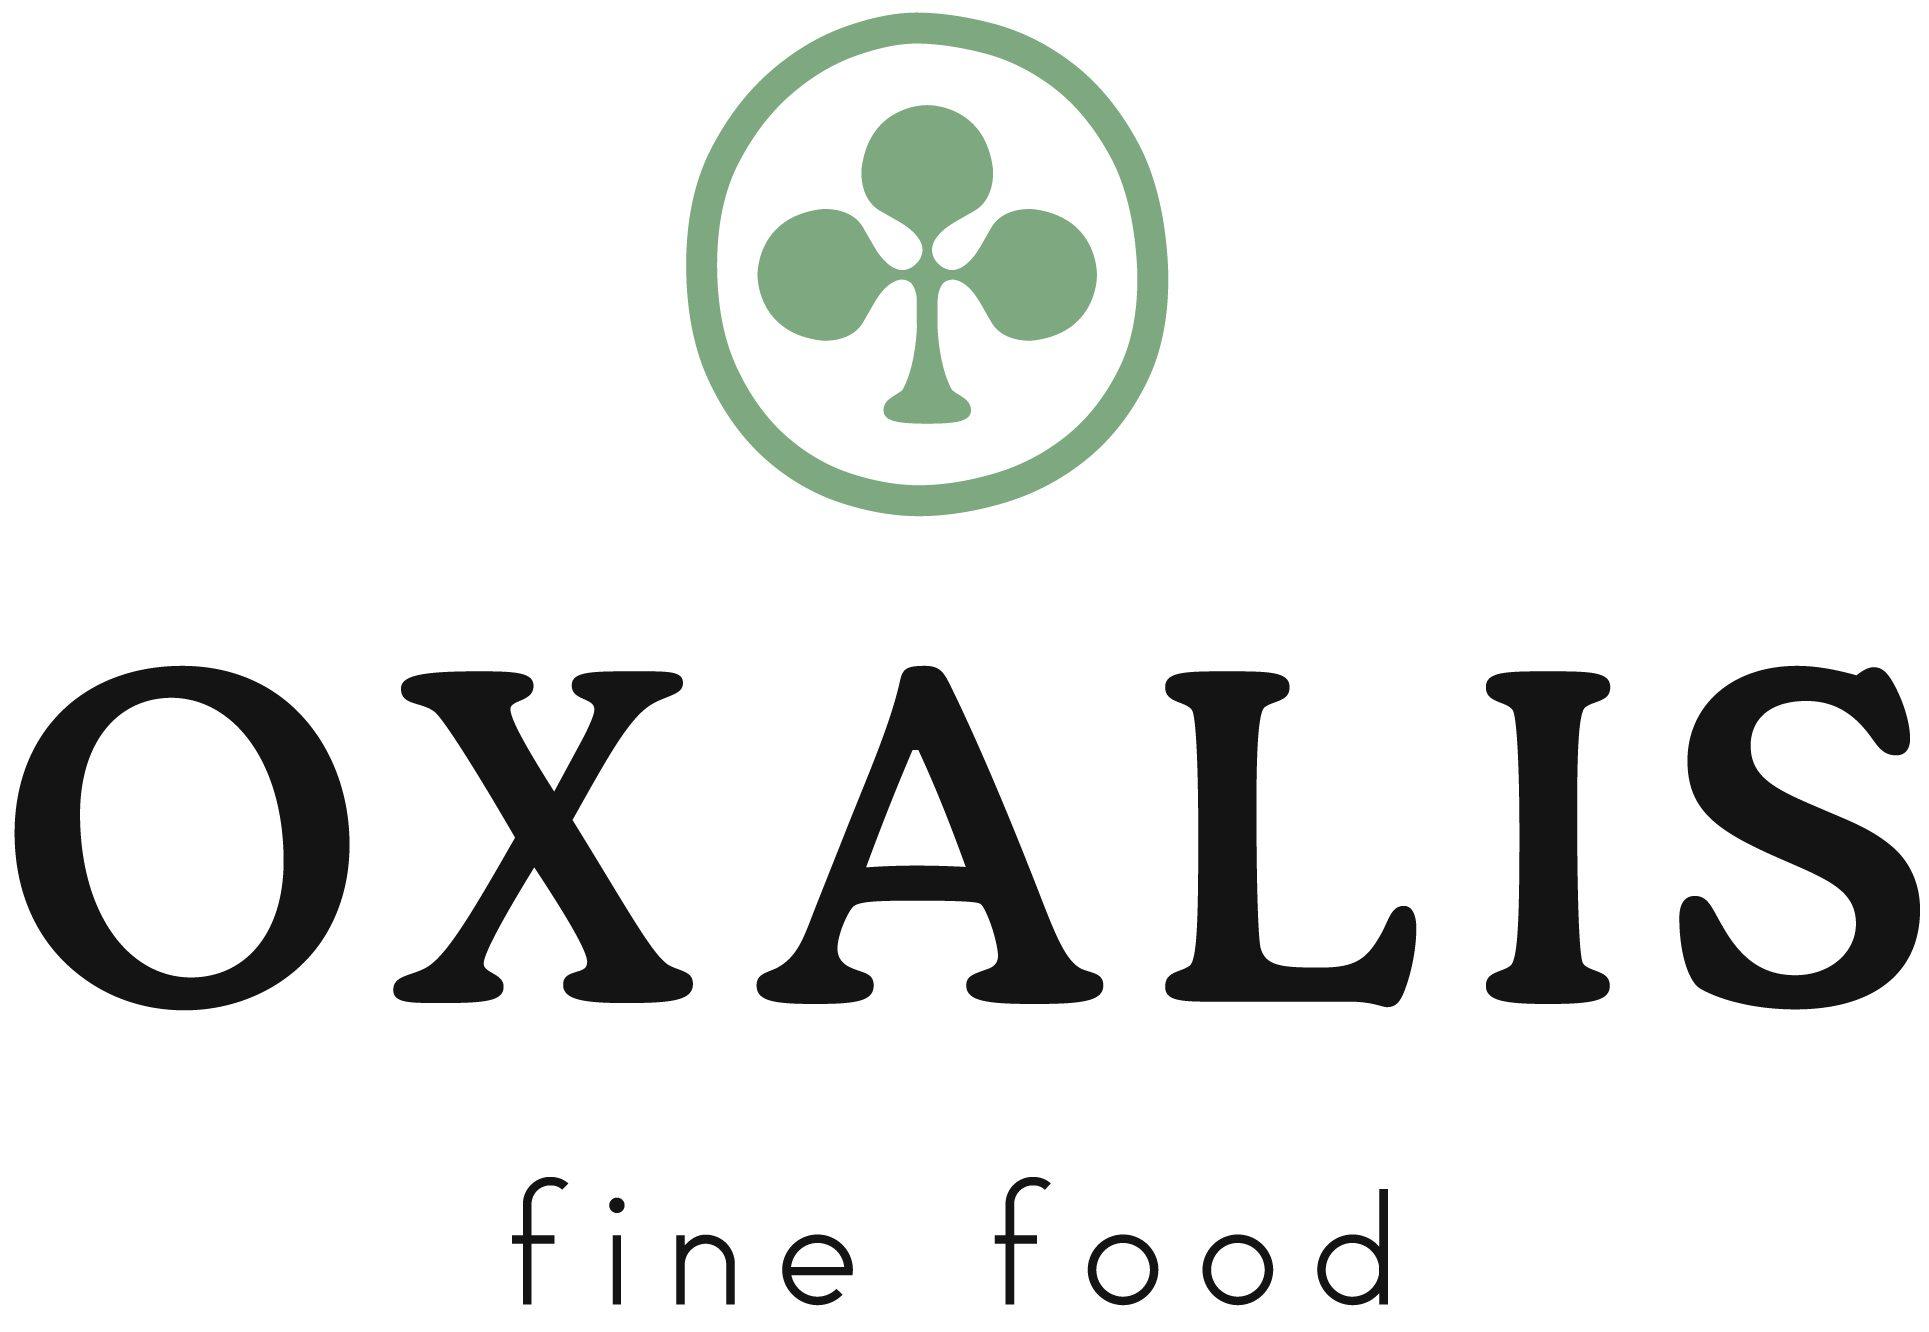 OXALIS finefood